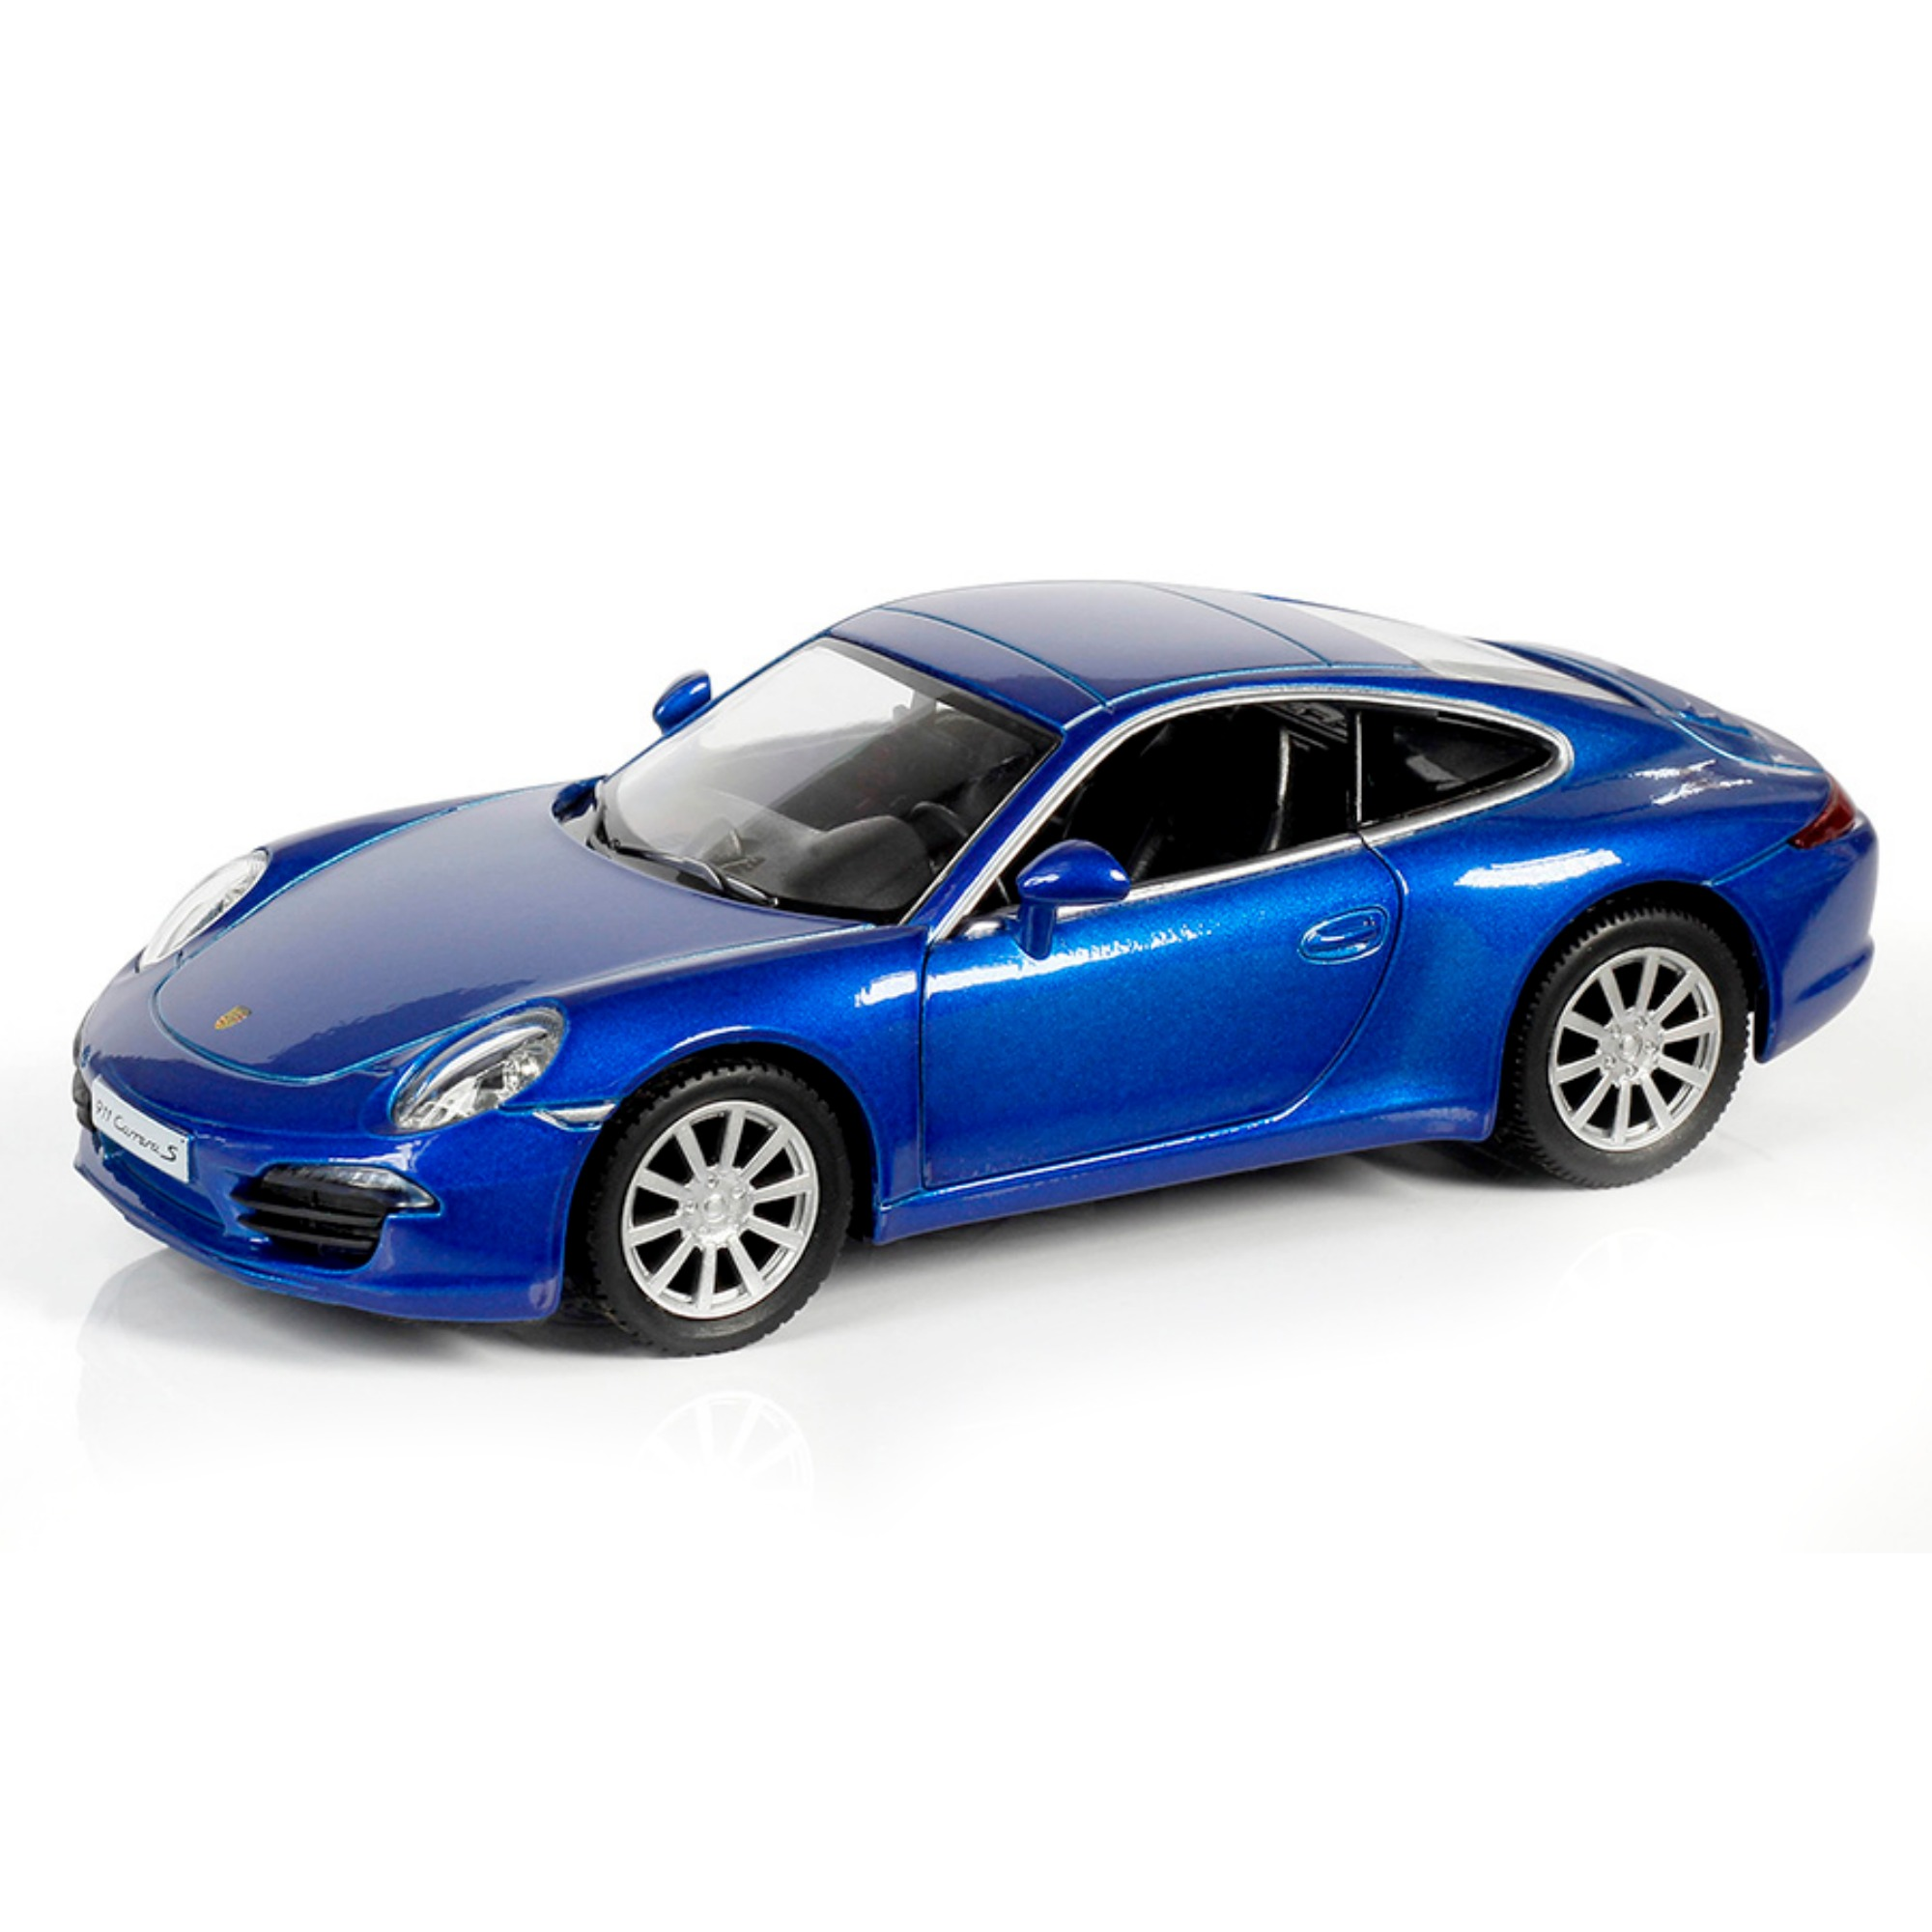 Металлическая инерционная машина - Porsche 911 Carrera S, 1:32, синий металлик фото